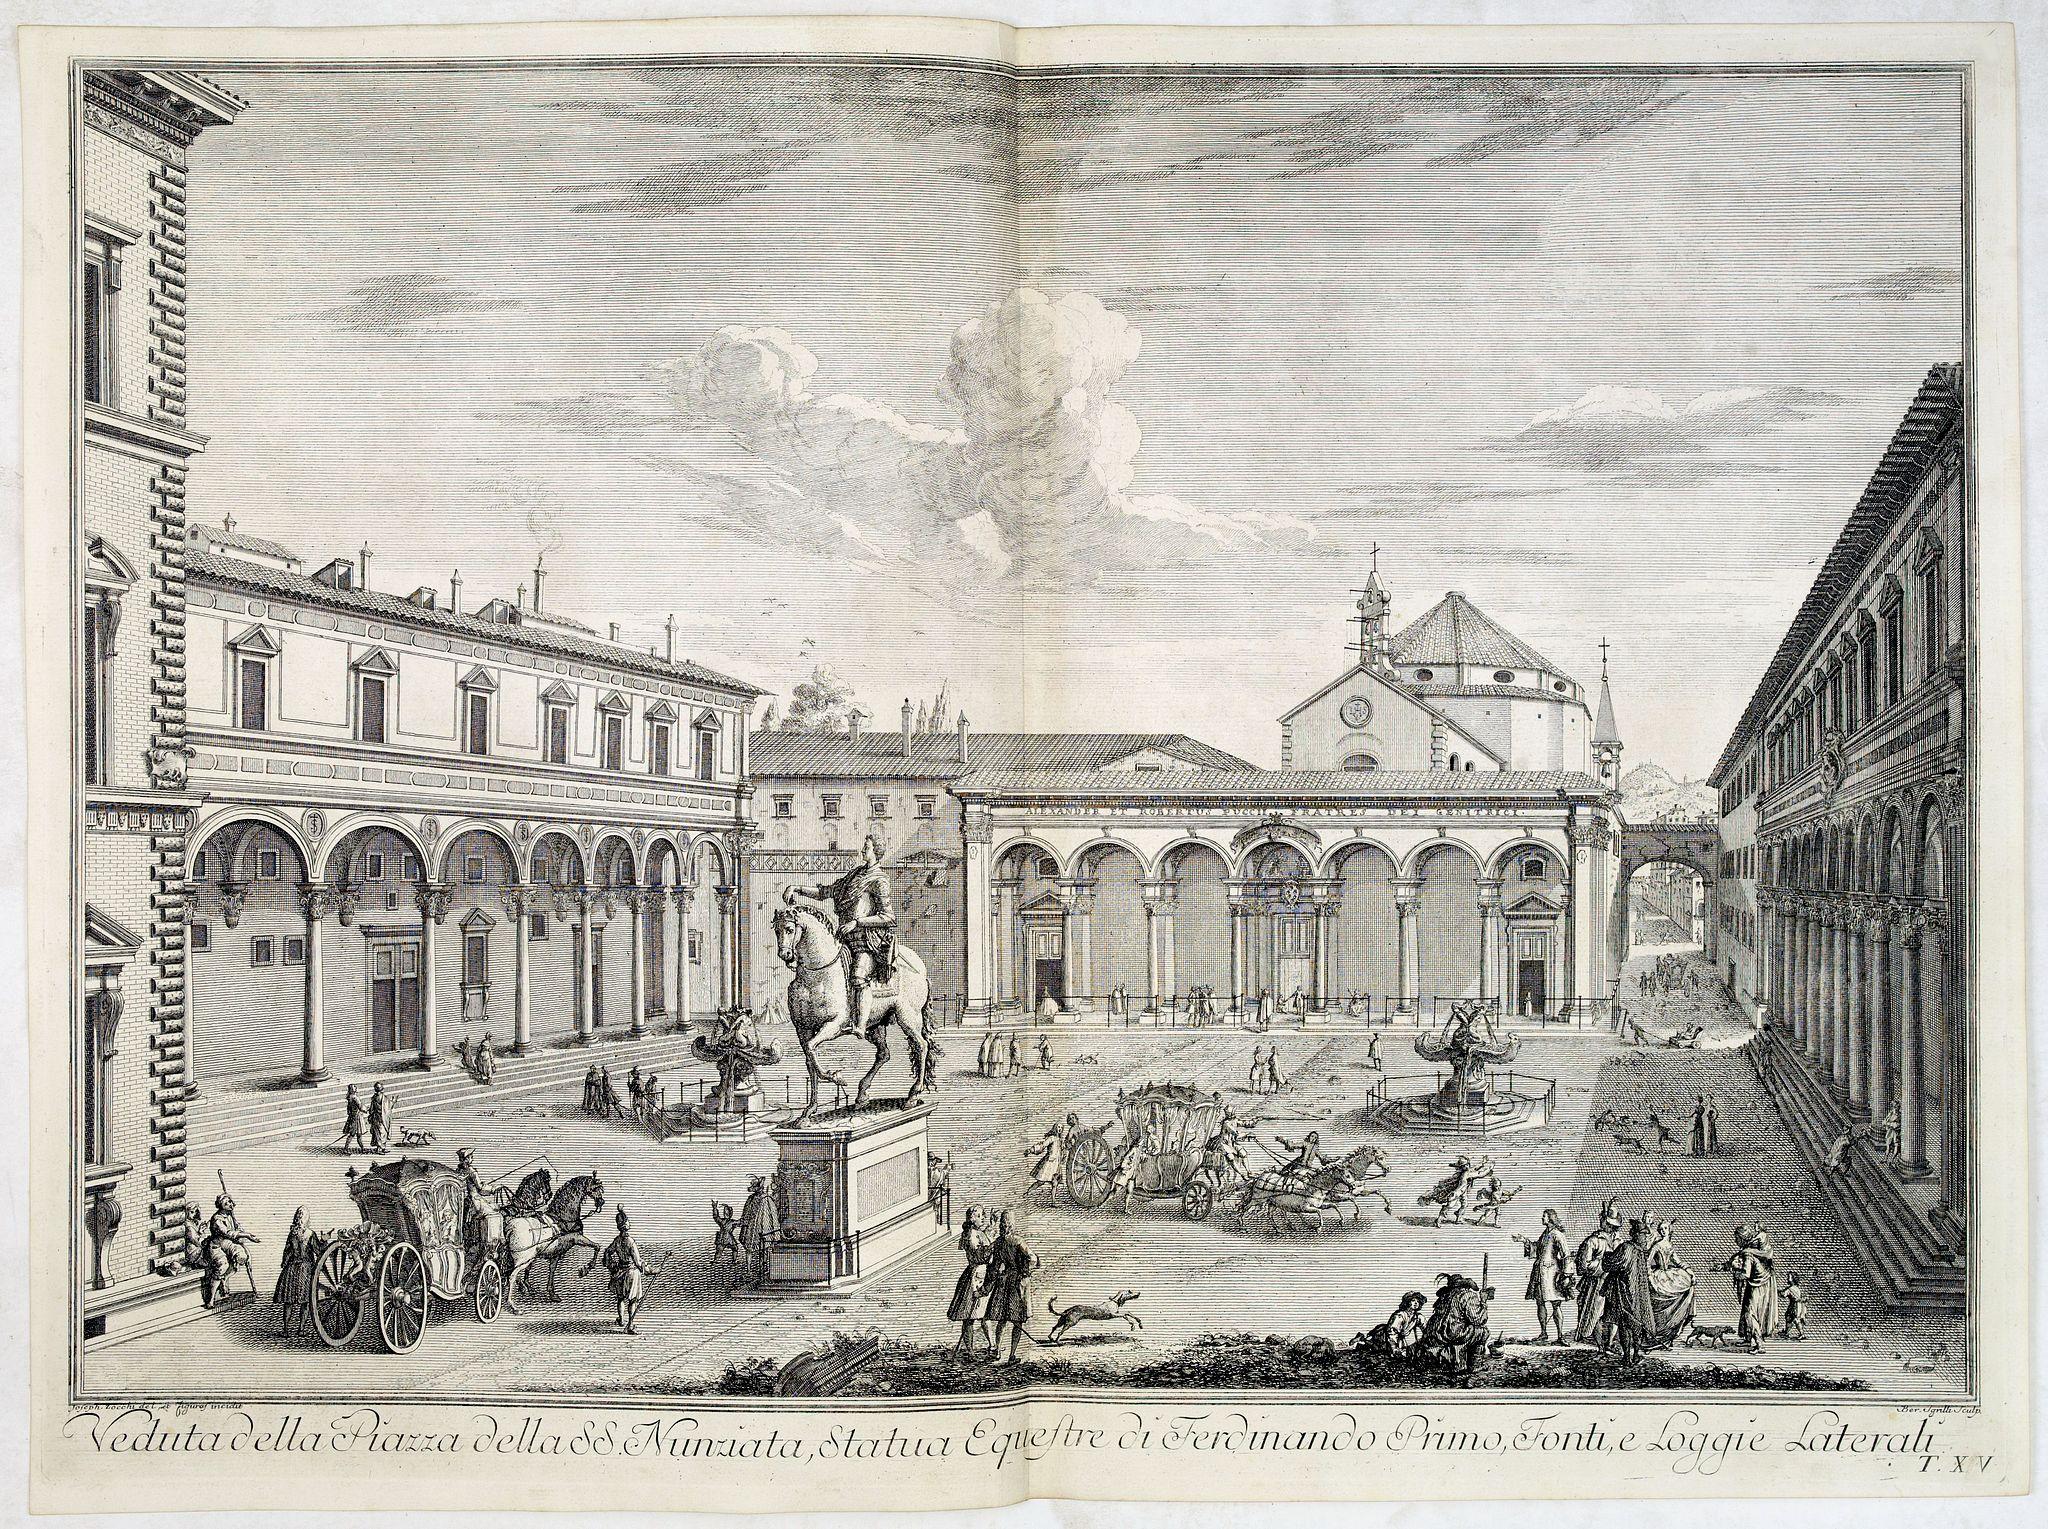 ZOCCHI, G. -  Veduta della Piazza della SS. Nunziata, Statua Equestre di Ferdinando Primo, Fonti, e Loggie Laterali.